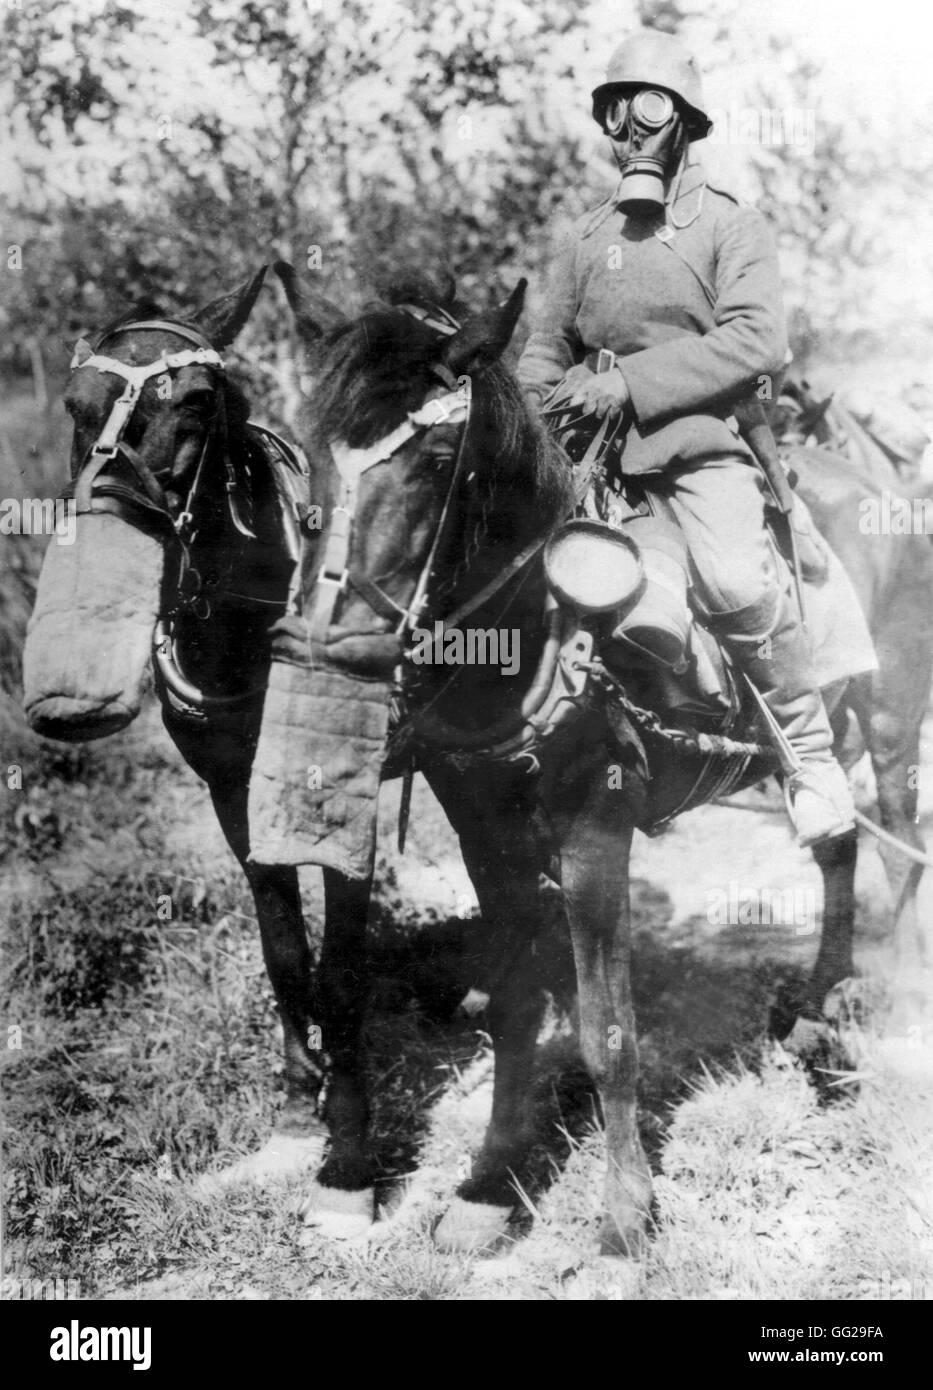 O To Ww Bing Comsquare Root 123: Deutscher Soldat Zu Pferd Mit Einer Gasmaske Deutschland